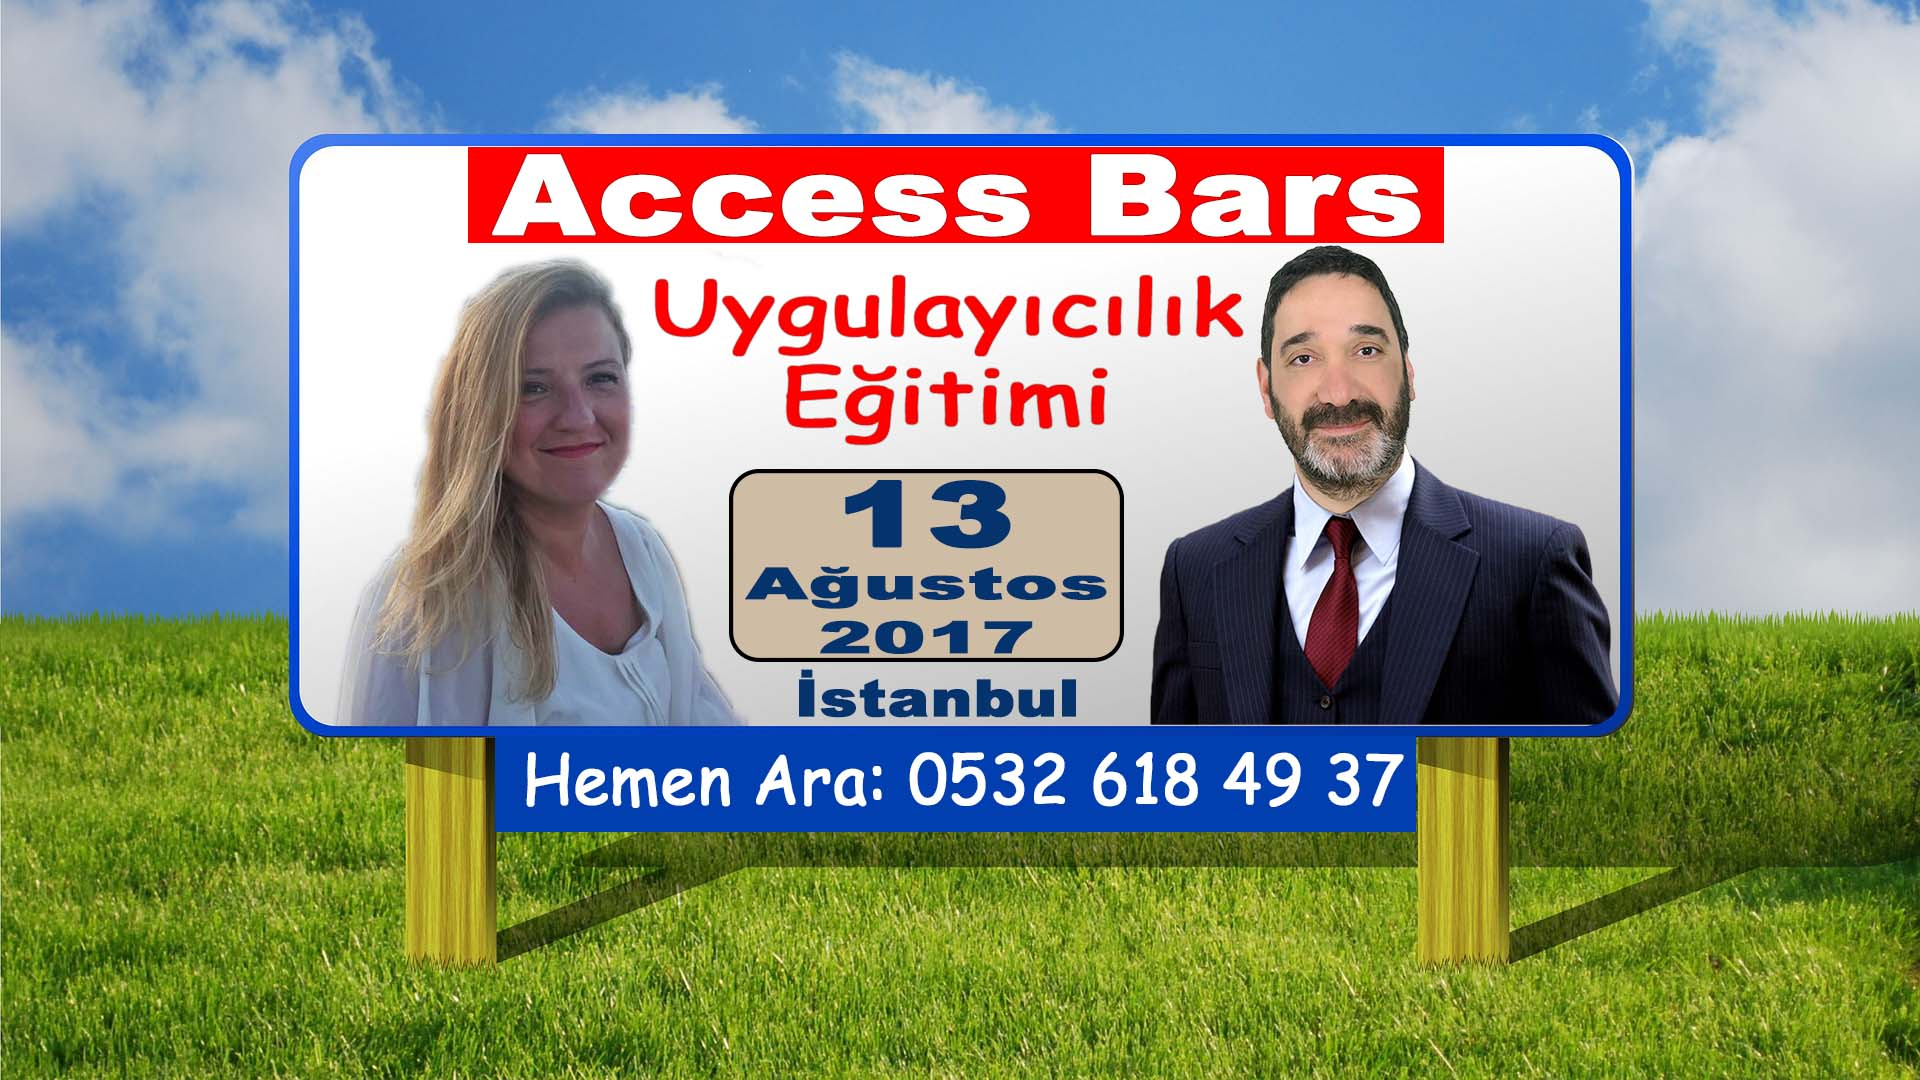 ACCESS BARS Uygulayıcılık Eğitimi – 13 Ağustos 2017 – İSTANBUL